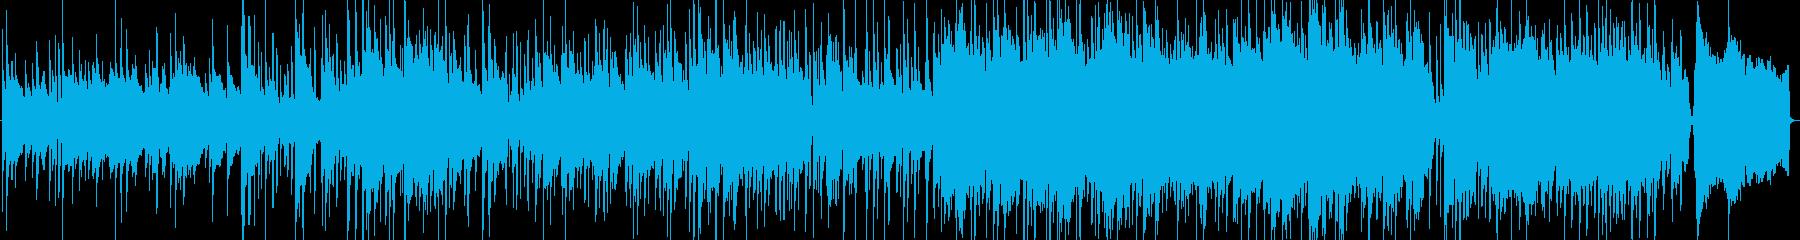 ほのぼのとしたアコースティック曲ですの再生済みの波形